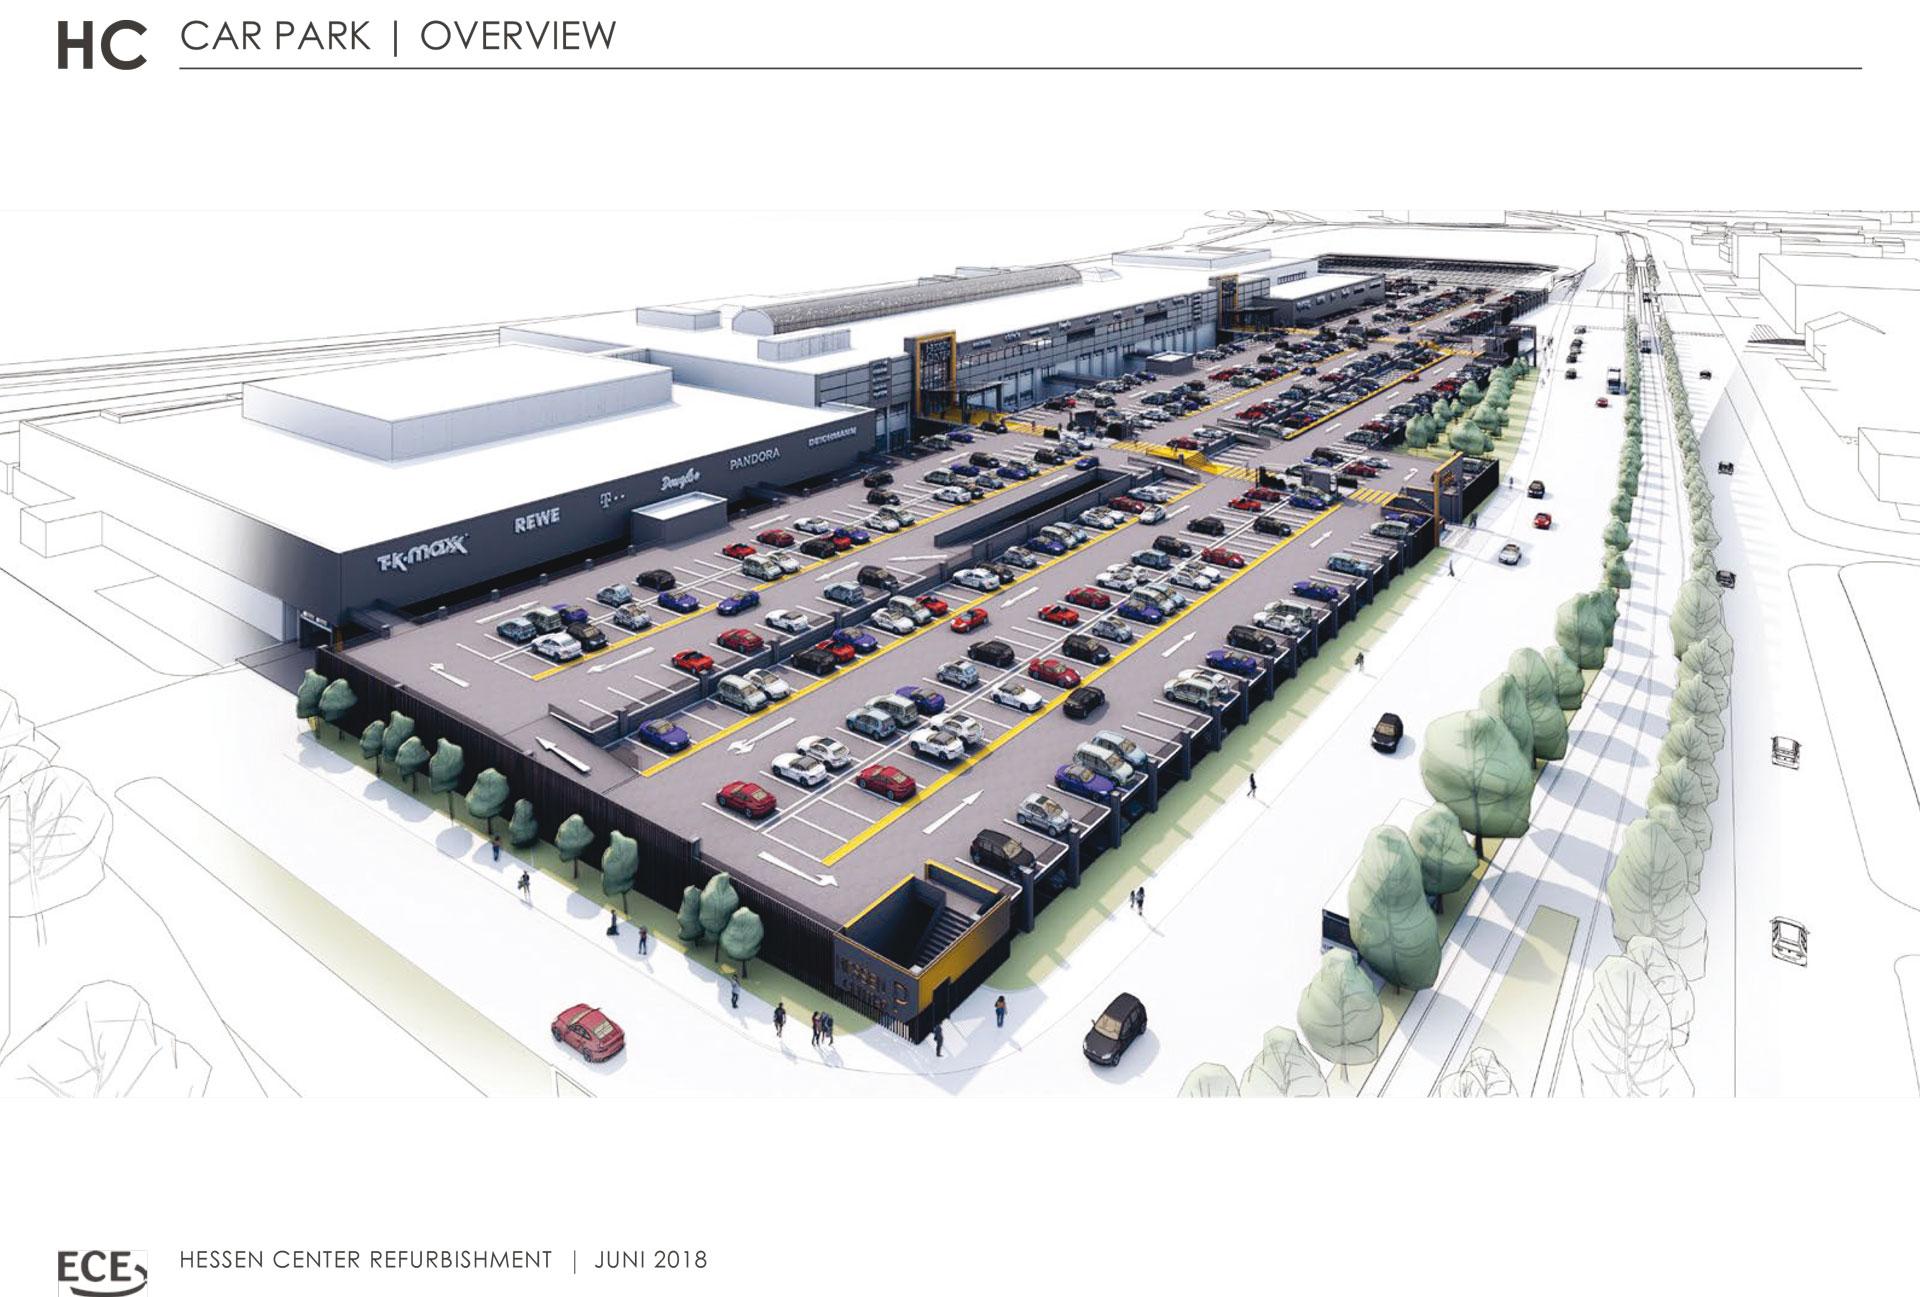 max b gl errichtet f r das hessen center ein neues parkdeck w hrend des laufenden betriebs. Black Bedroom Furniture Sets. Home Design Ideas